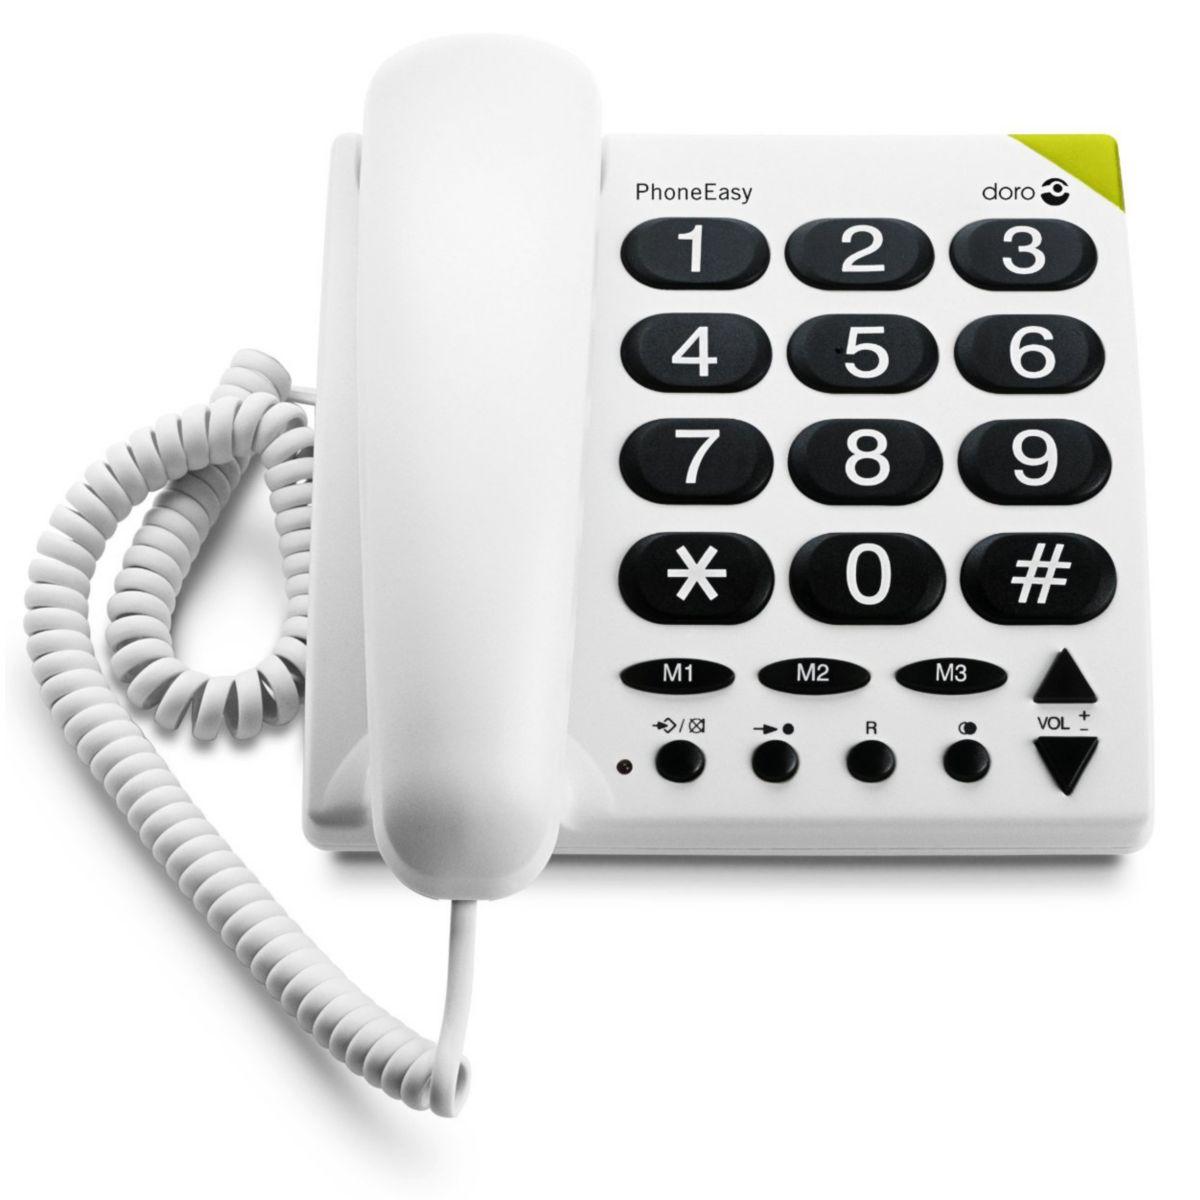 Téléphone filaire doro phone easy 311c blanc - 10% de remise immédiate avec le code : cool10 (photo)